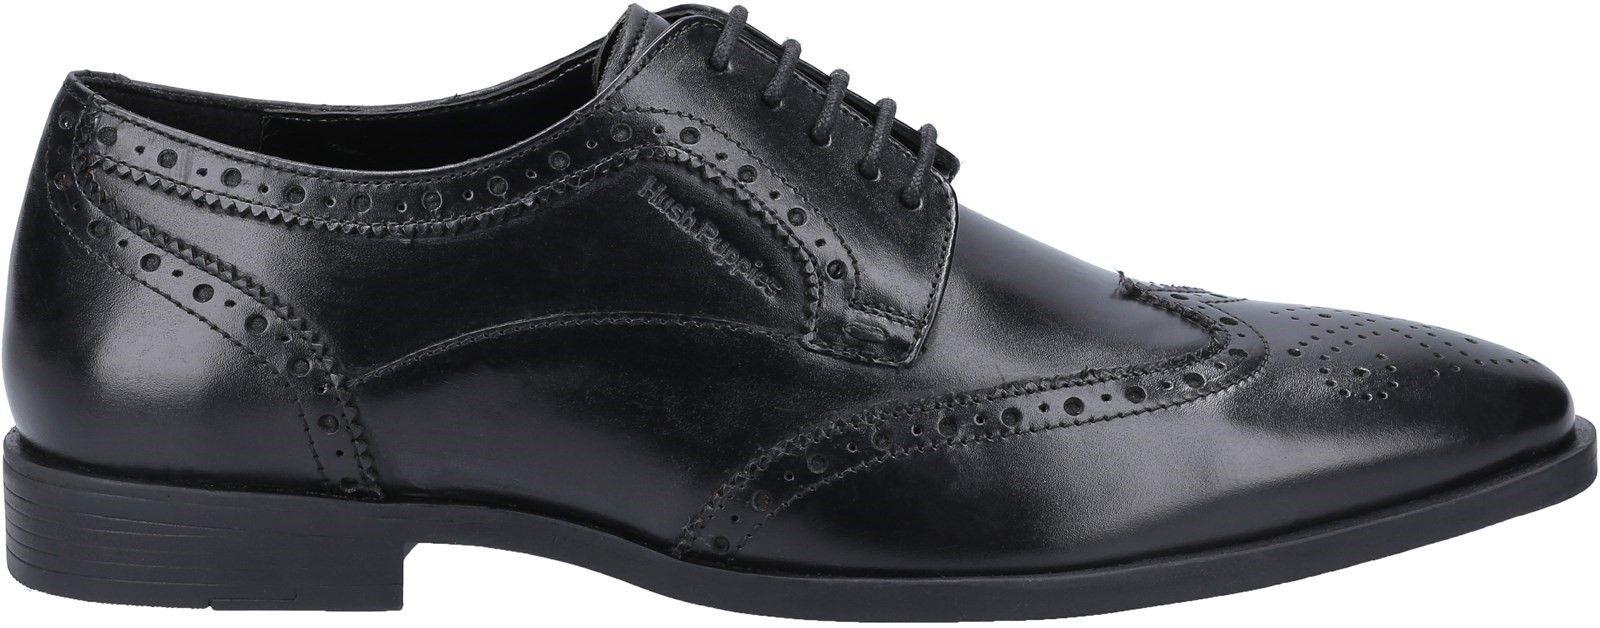 Elliot Brogue Lace Up Shoe